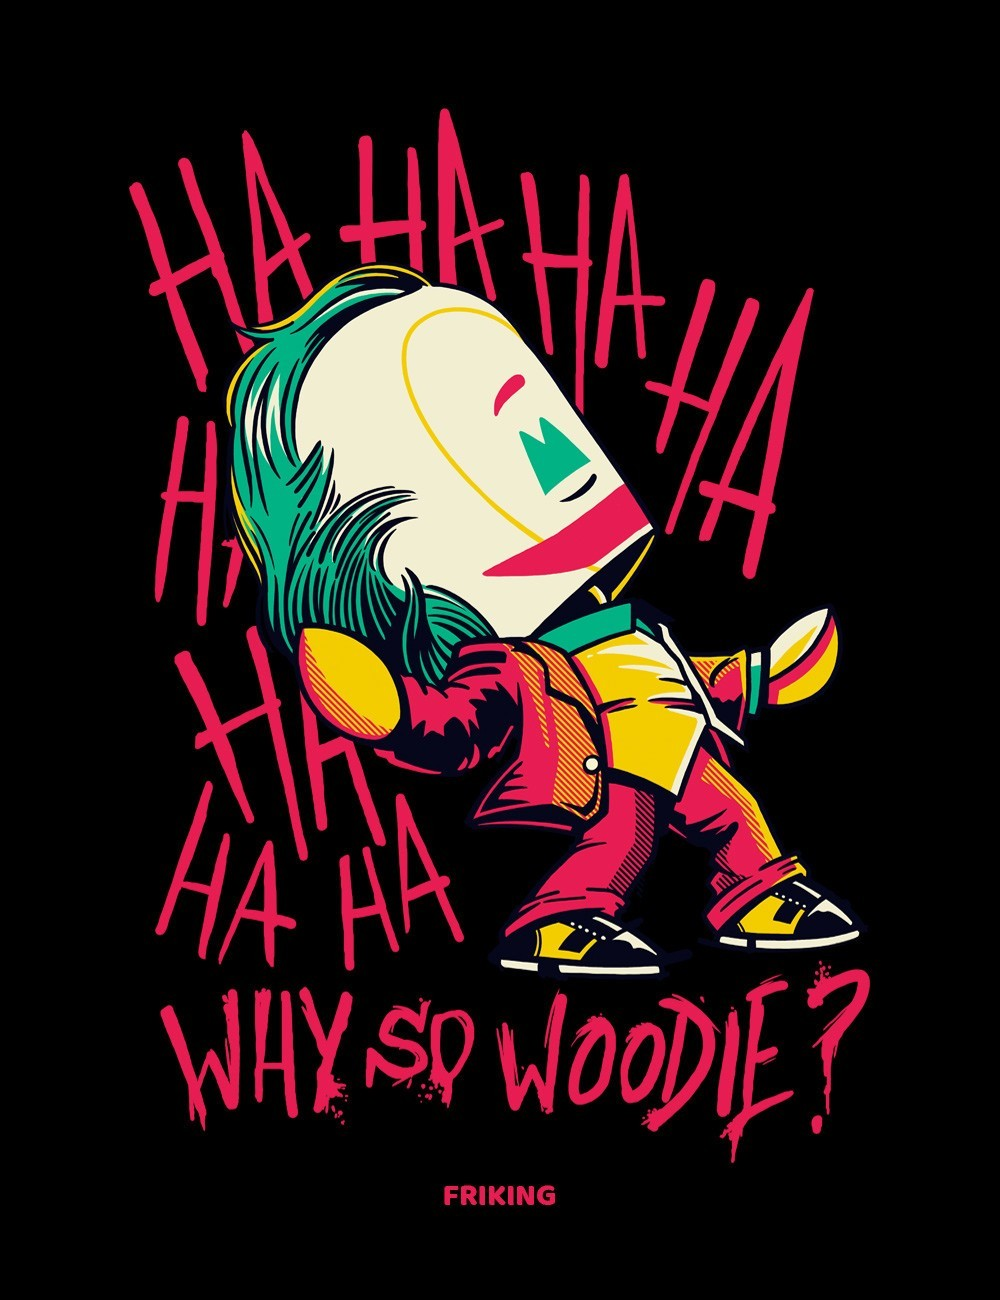 Why So Woodie?